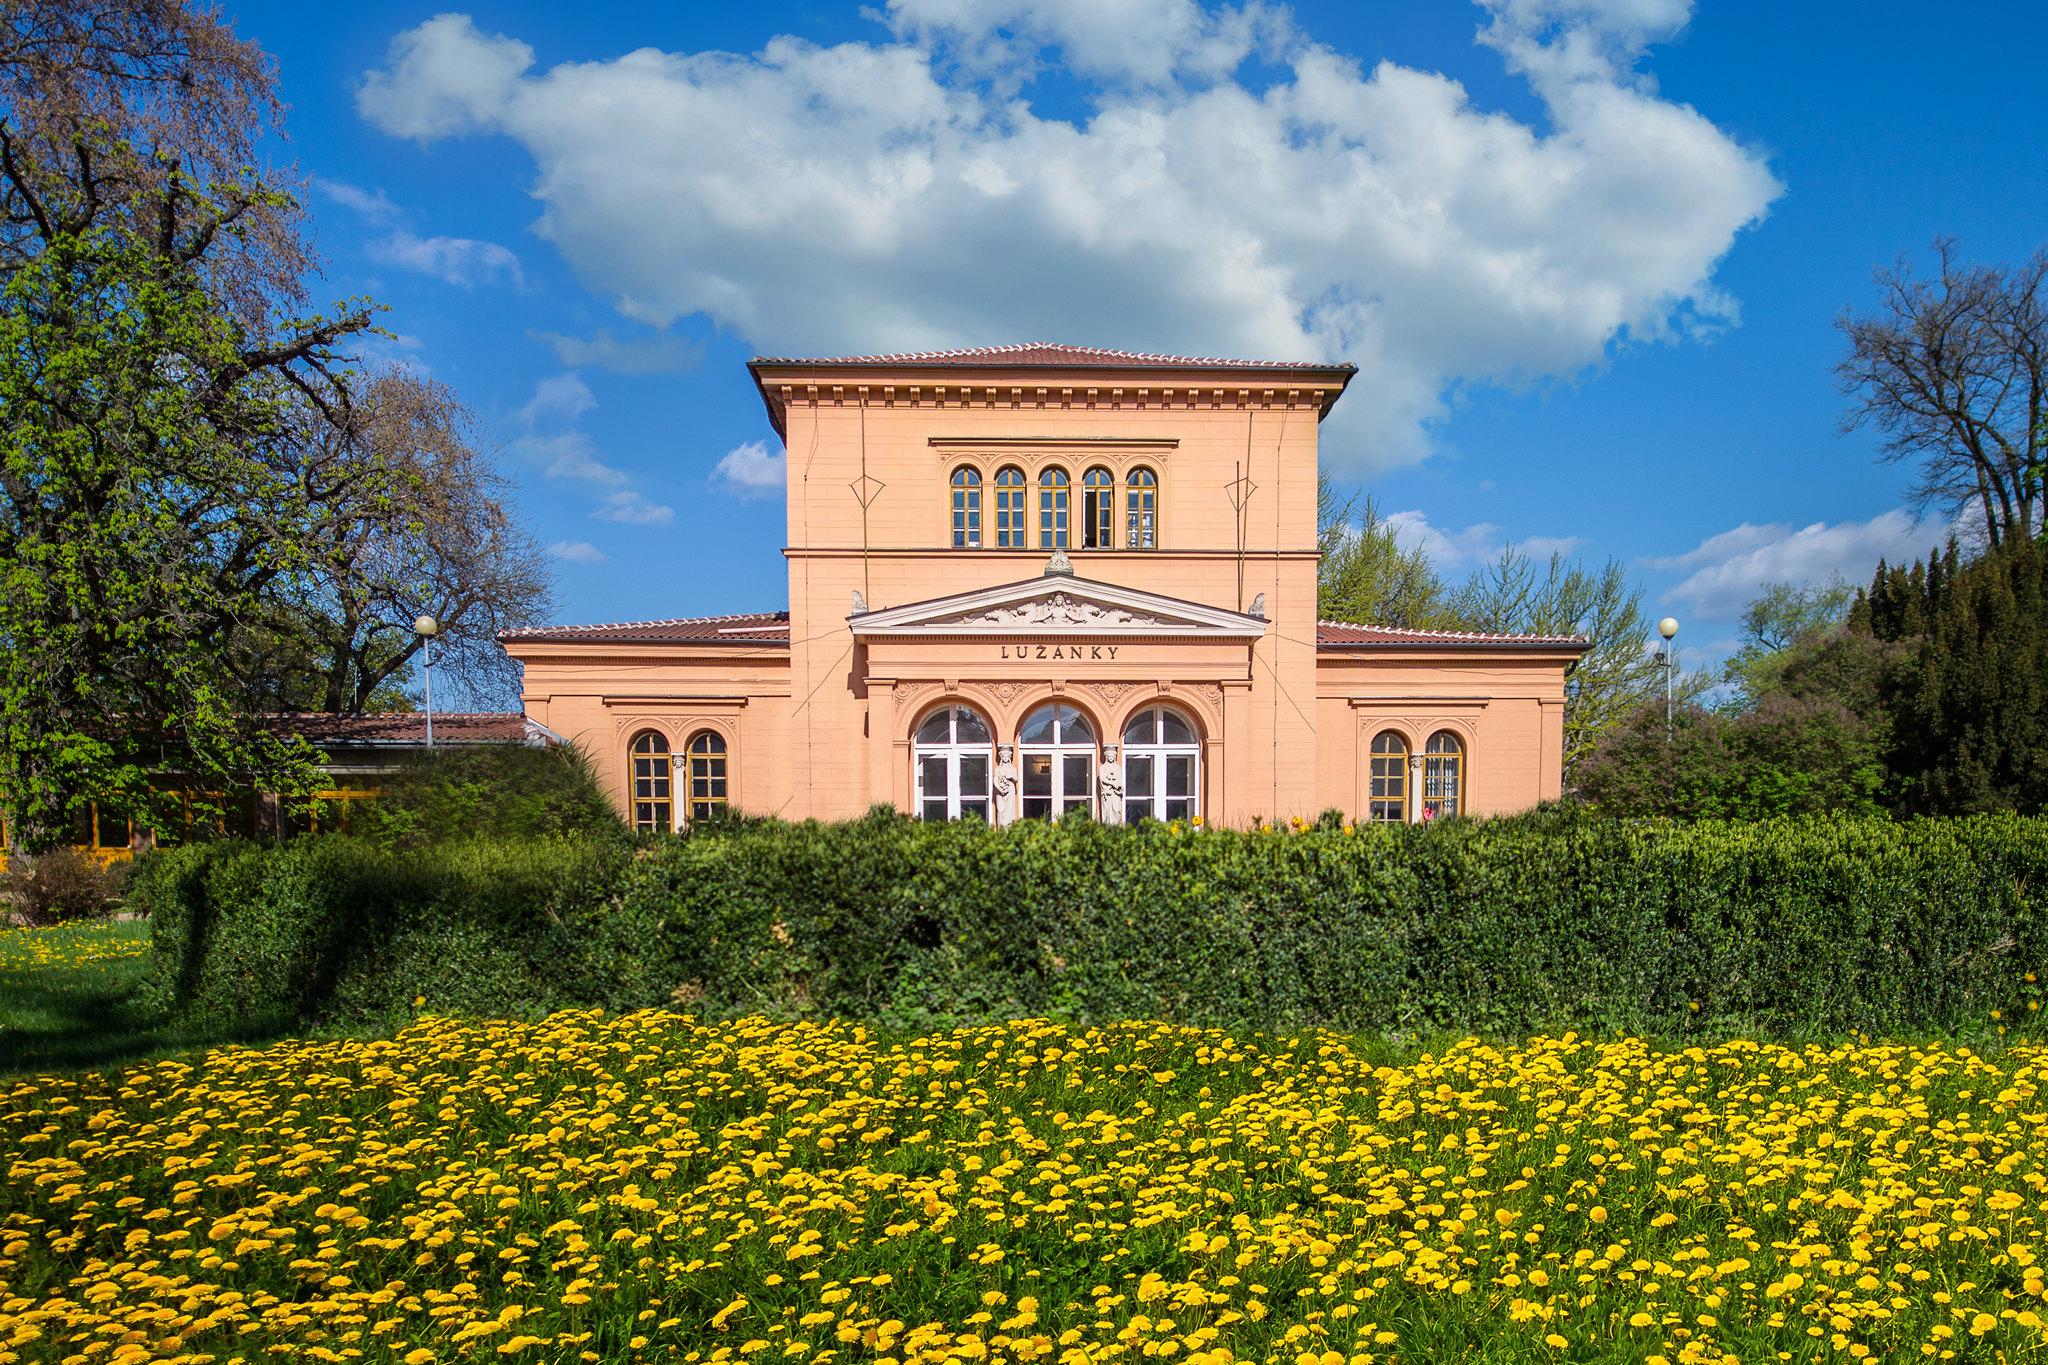 Pavilon Lužánky in Brno